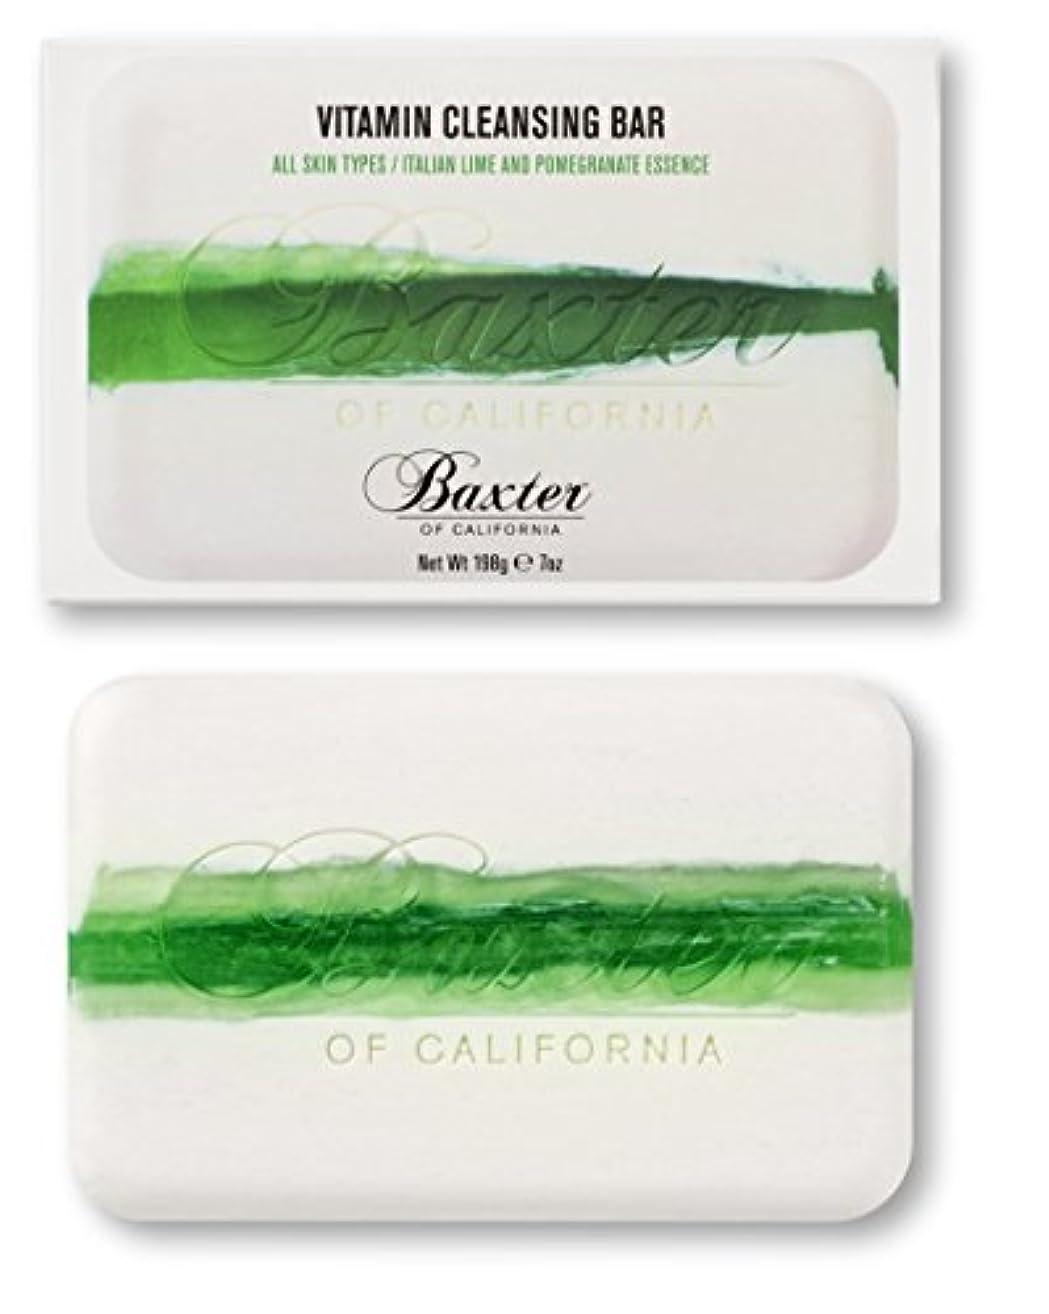 カプラー皮肉突撃Baxter OF CALIFORNIA(バクスター オブ カリフォルニア) ビタミンクレンジングバー イタリアンライム&ポメグラネート 198g